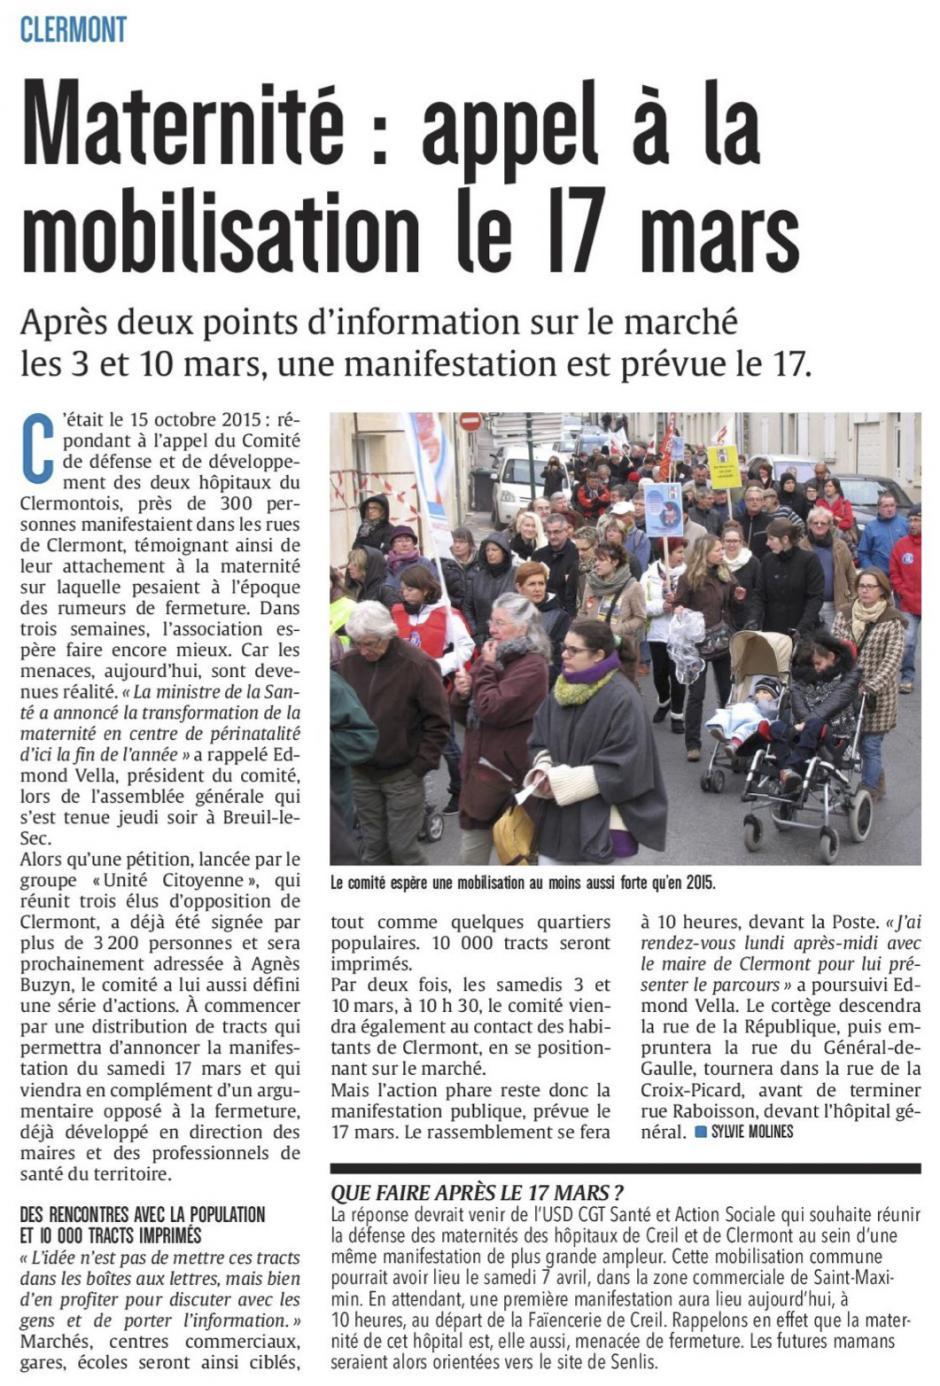 20180224-CP-Clermont-Maternité : appel à la mobilisation le 17 mars